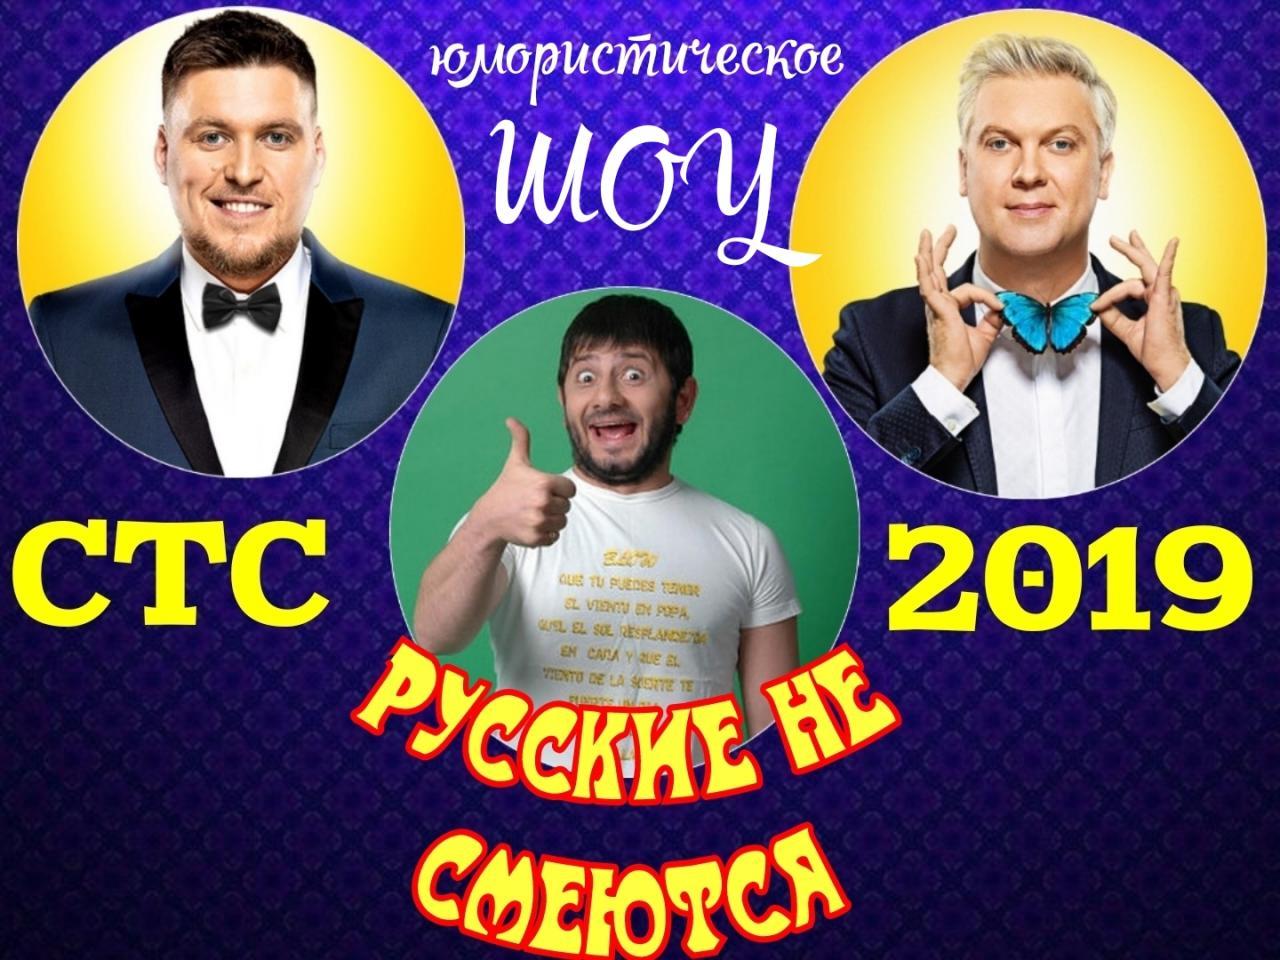 """11 октября юмористическое шоу """"РУССКИЕ НЕ СМЕЮТСЯ""""."""